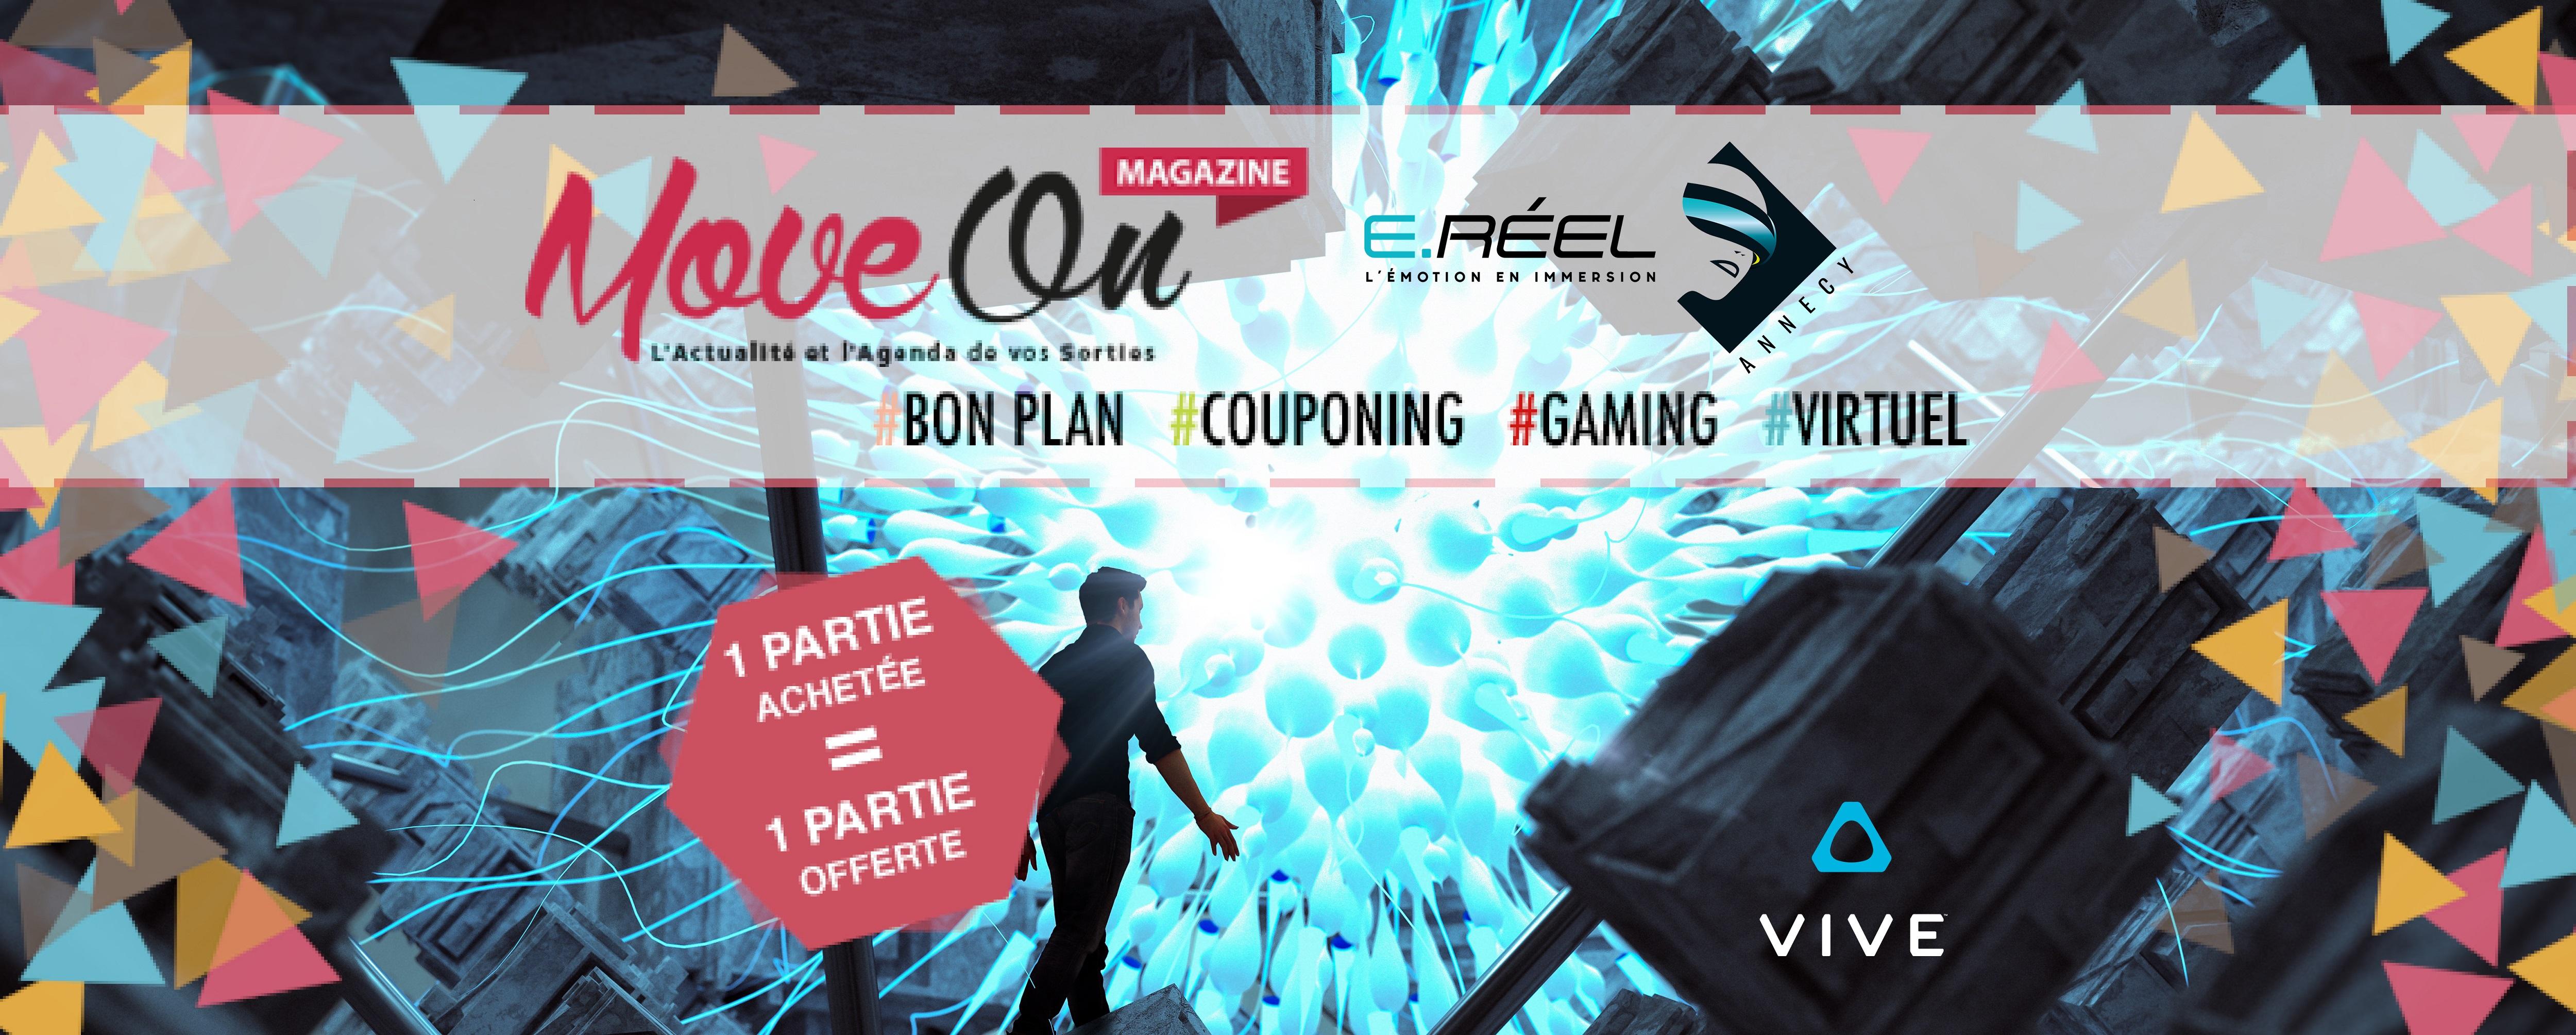 COUPONING : 1 joueur acheté = 1 joueur offert chez E.Réel Annecy ©HTC